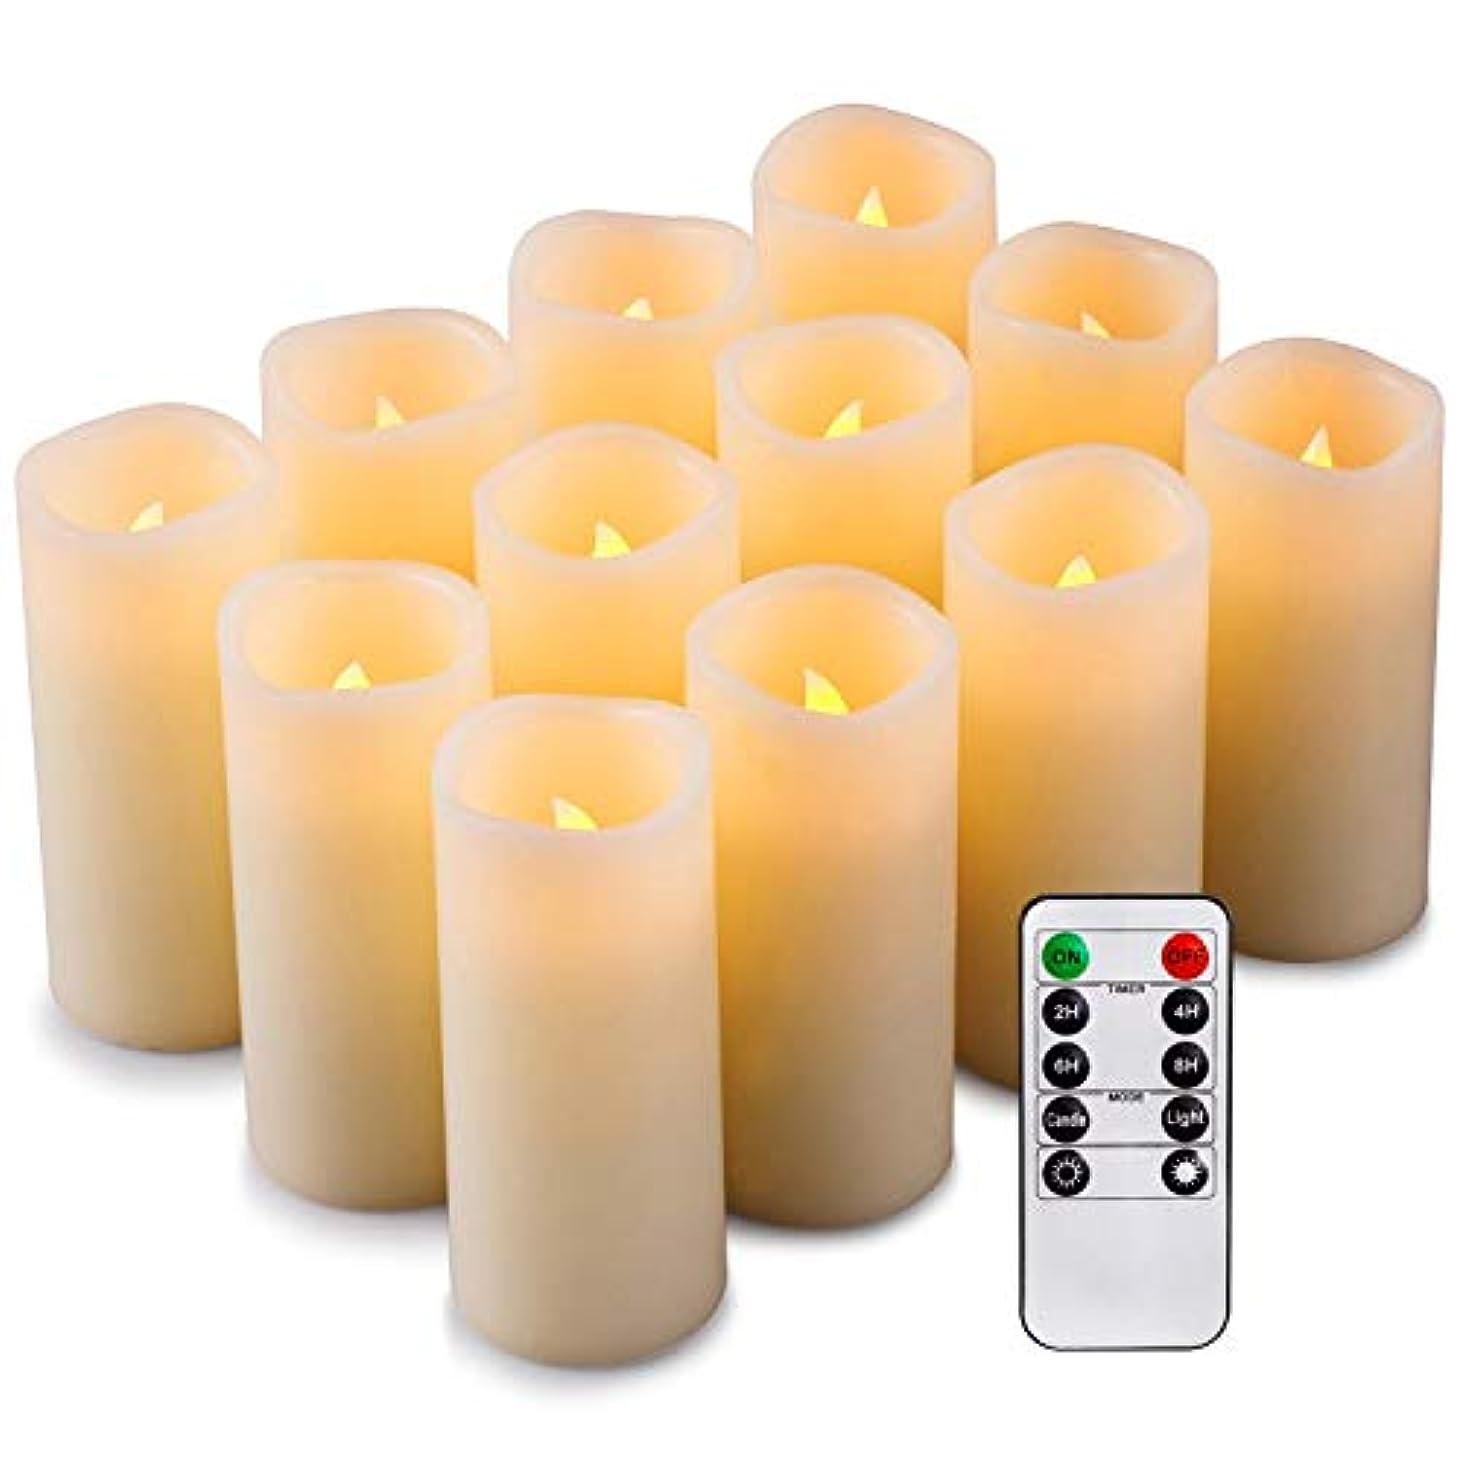 意気揚々任意期待するLucy Day 12 LEDキャンドル、フレームレスキャンドル、キャンドルバッテリー (色 : 30.8*14.8*21.5)